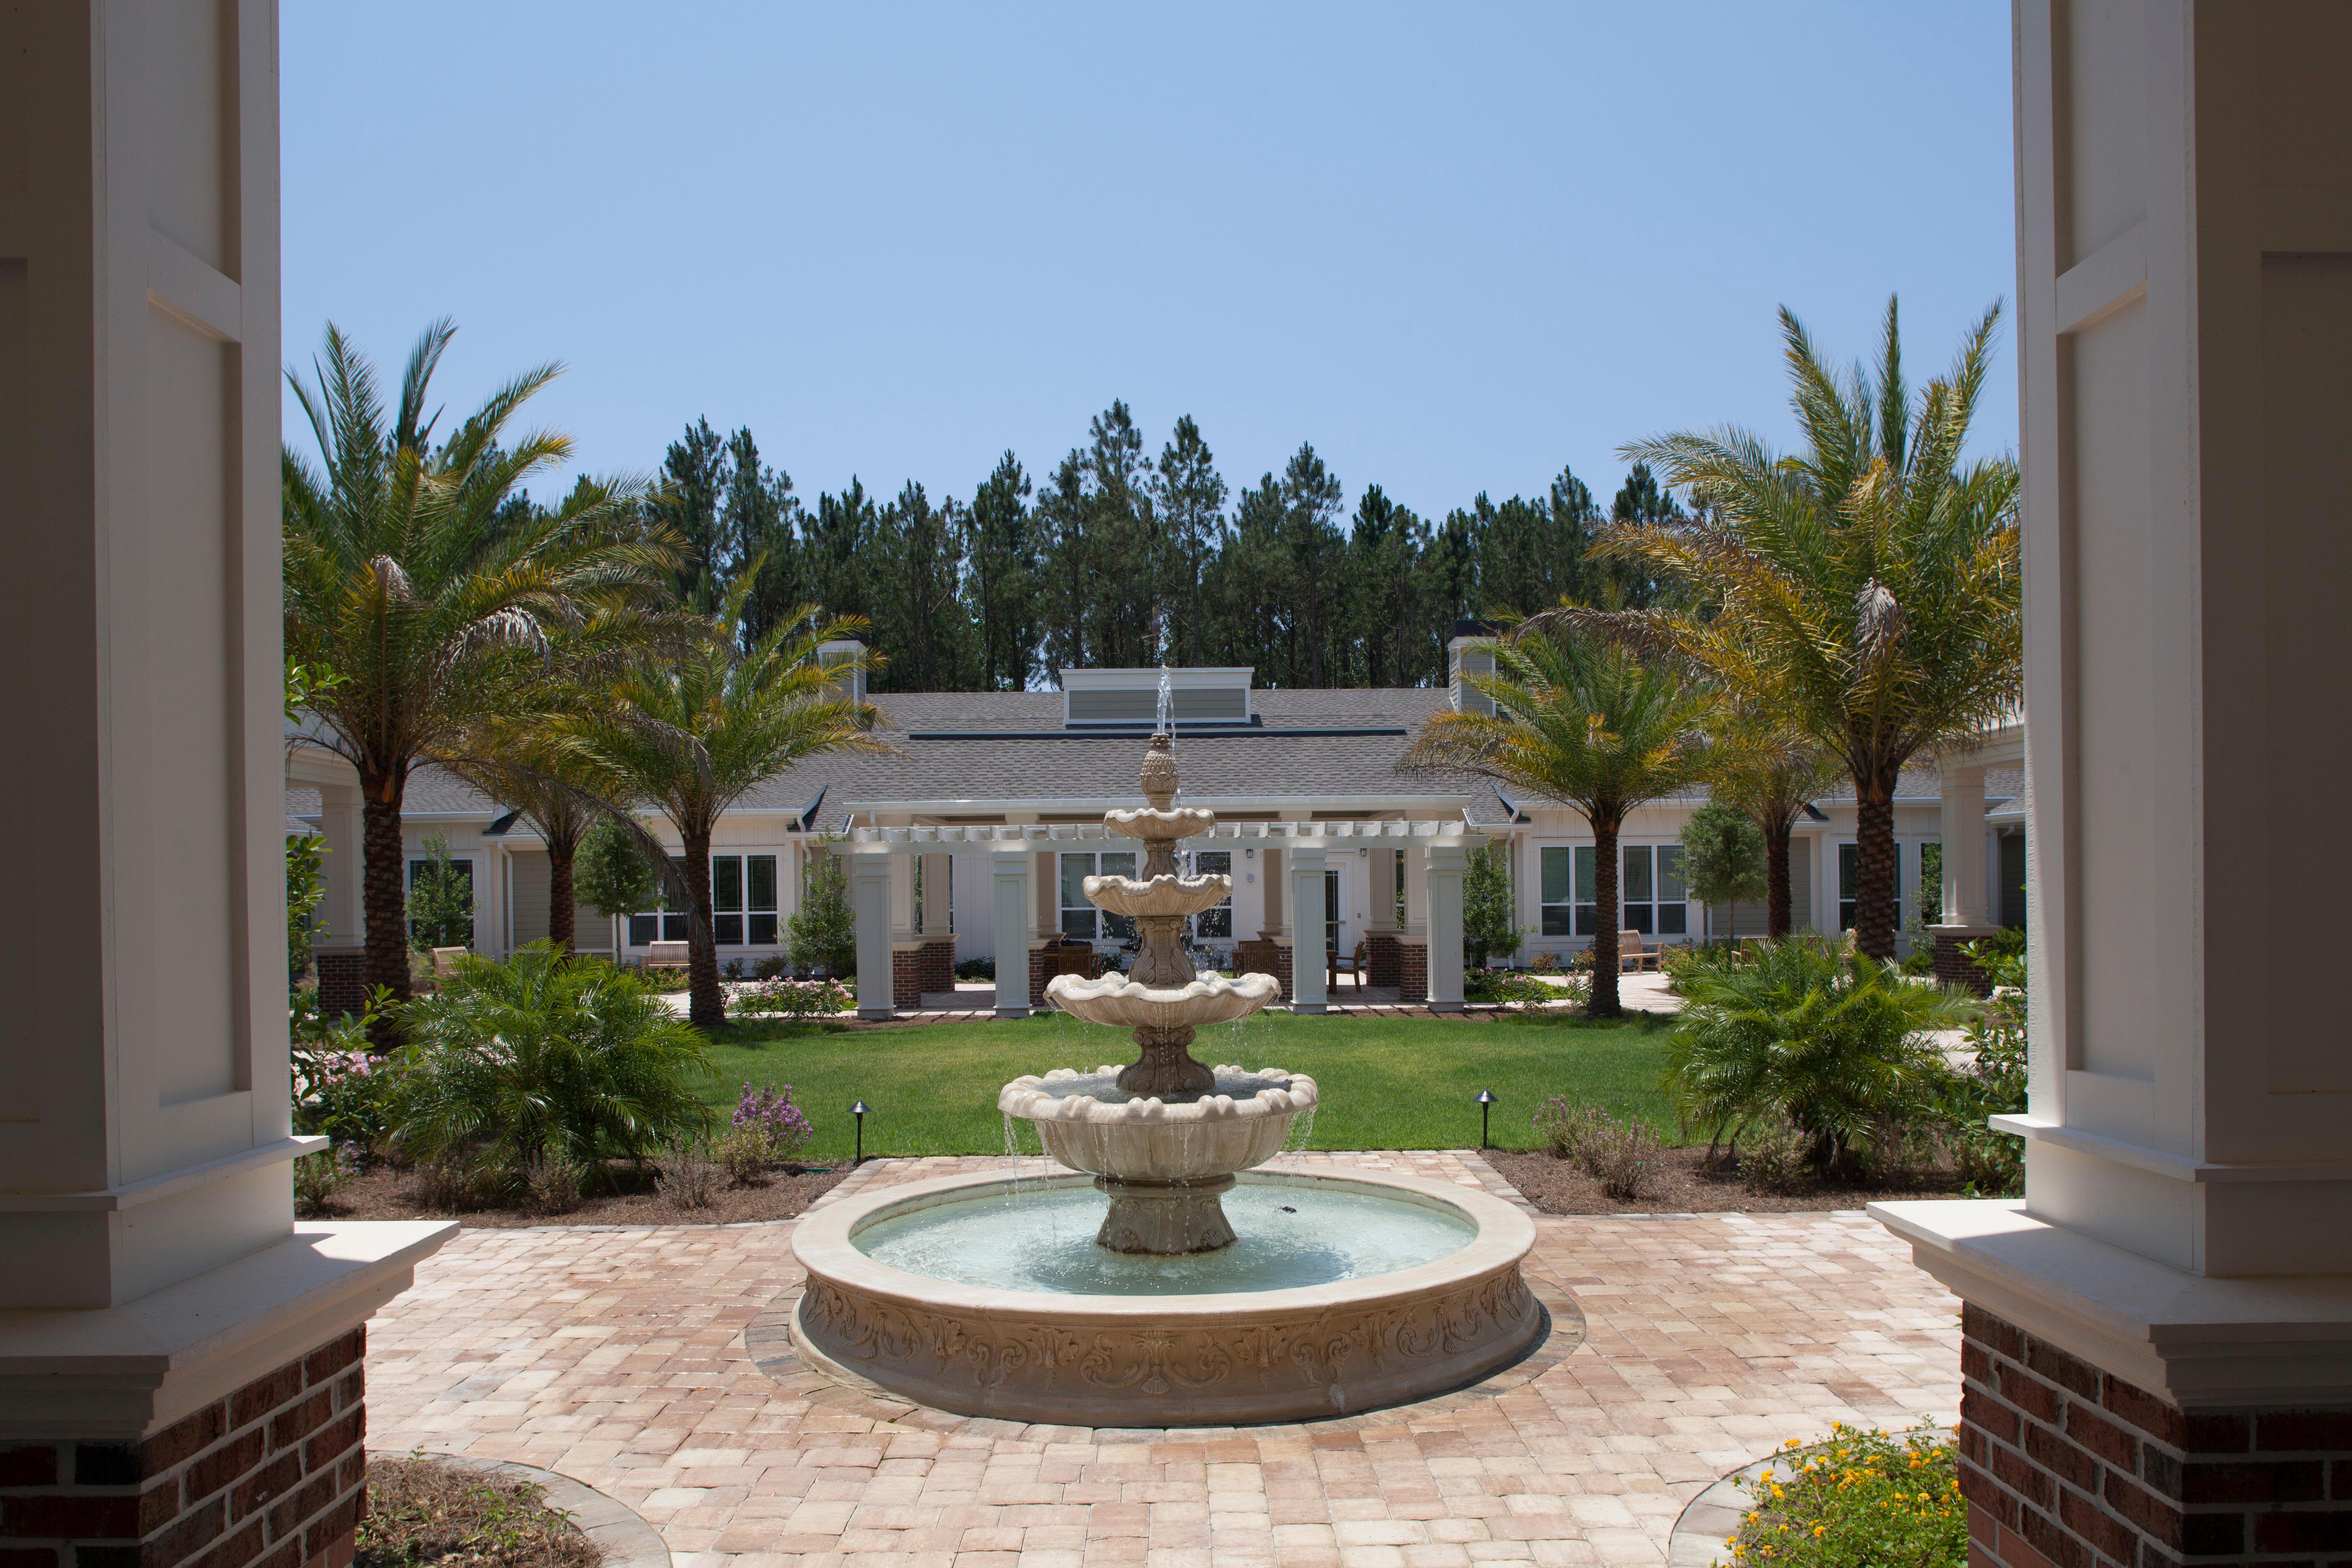 Arbor Terrace San Jose image 1